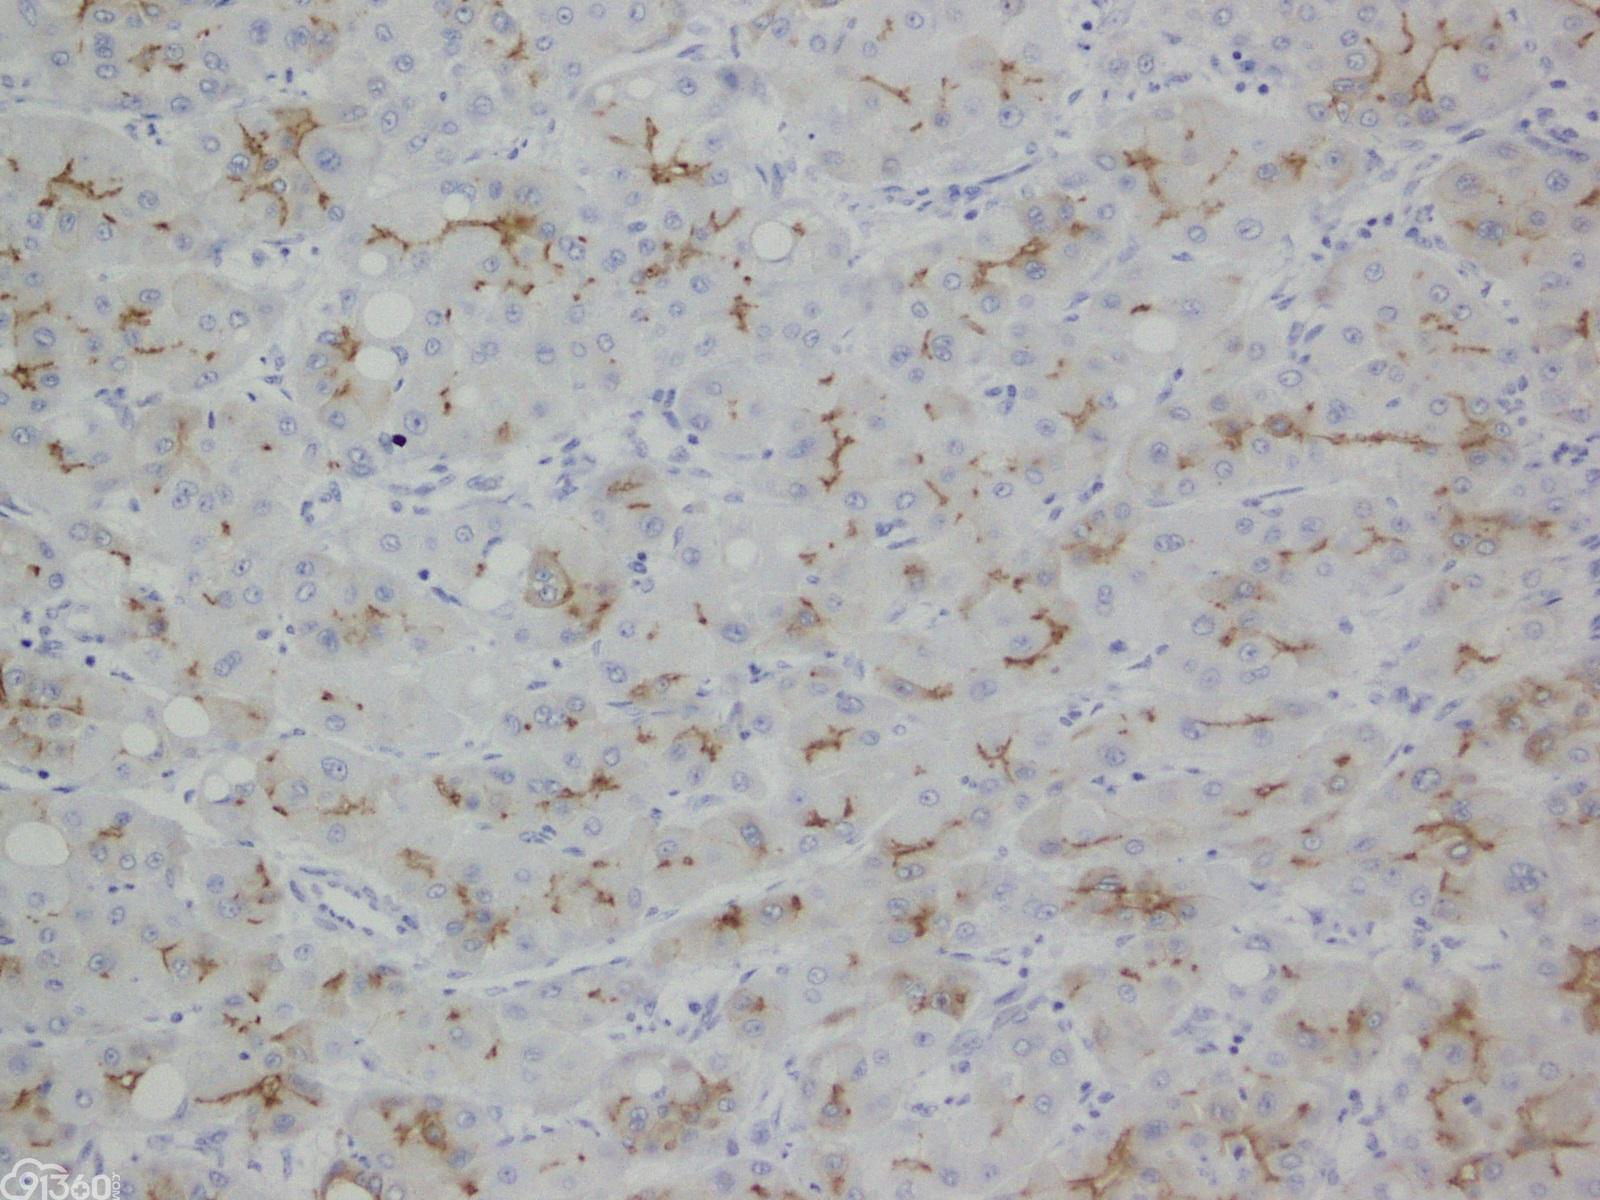 P-糖蛋白在肝细胞癌鉴别诊断中的潜在价值